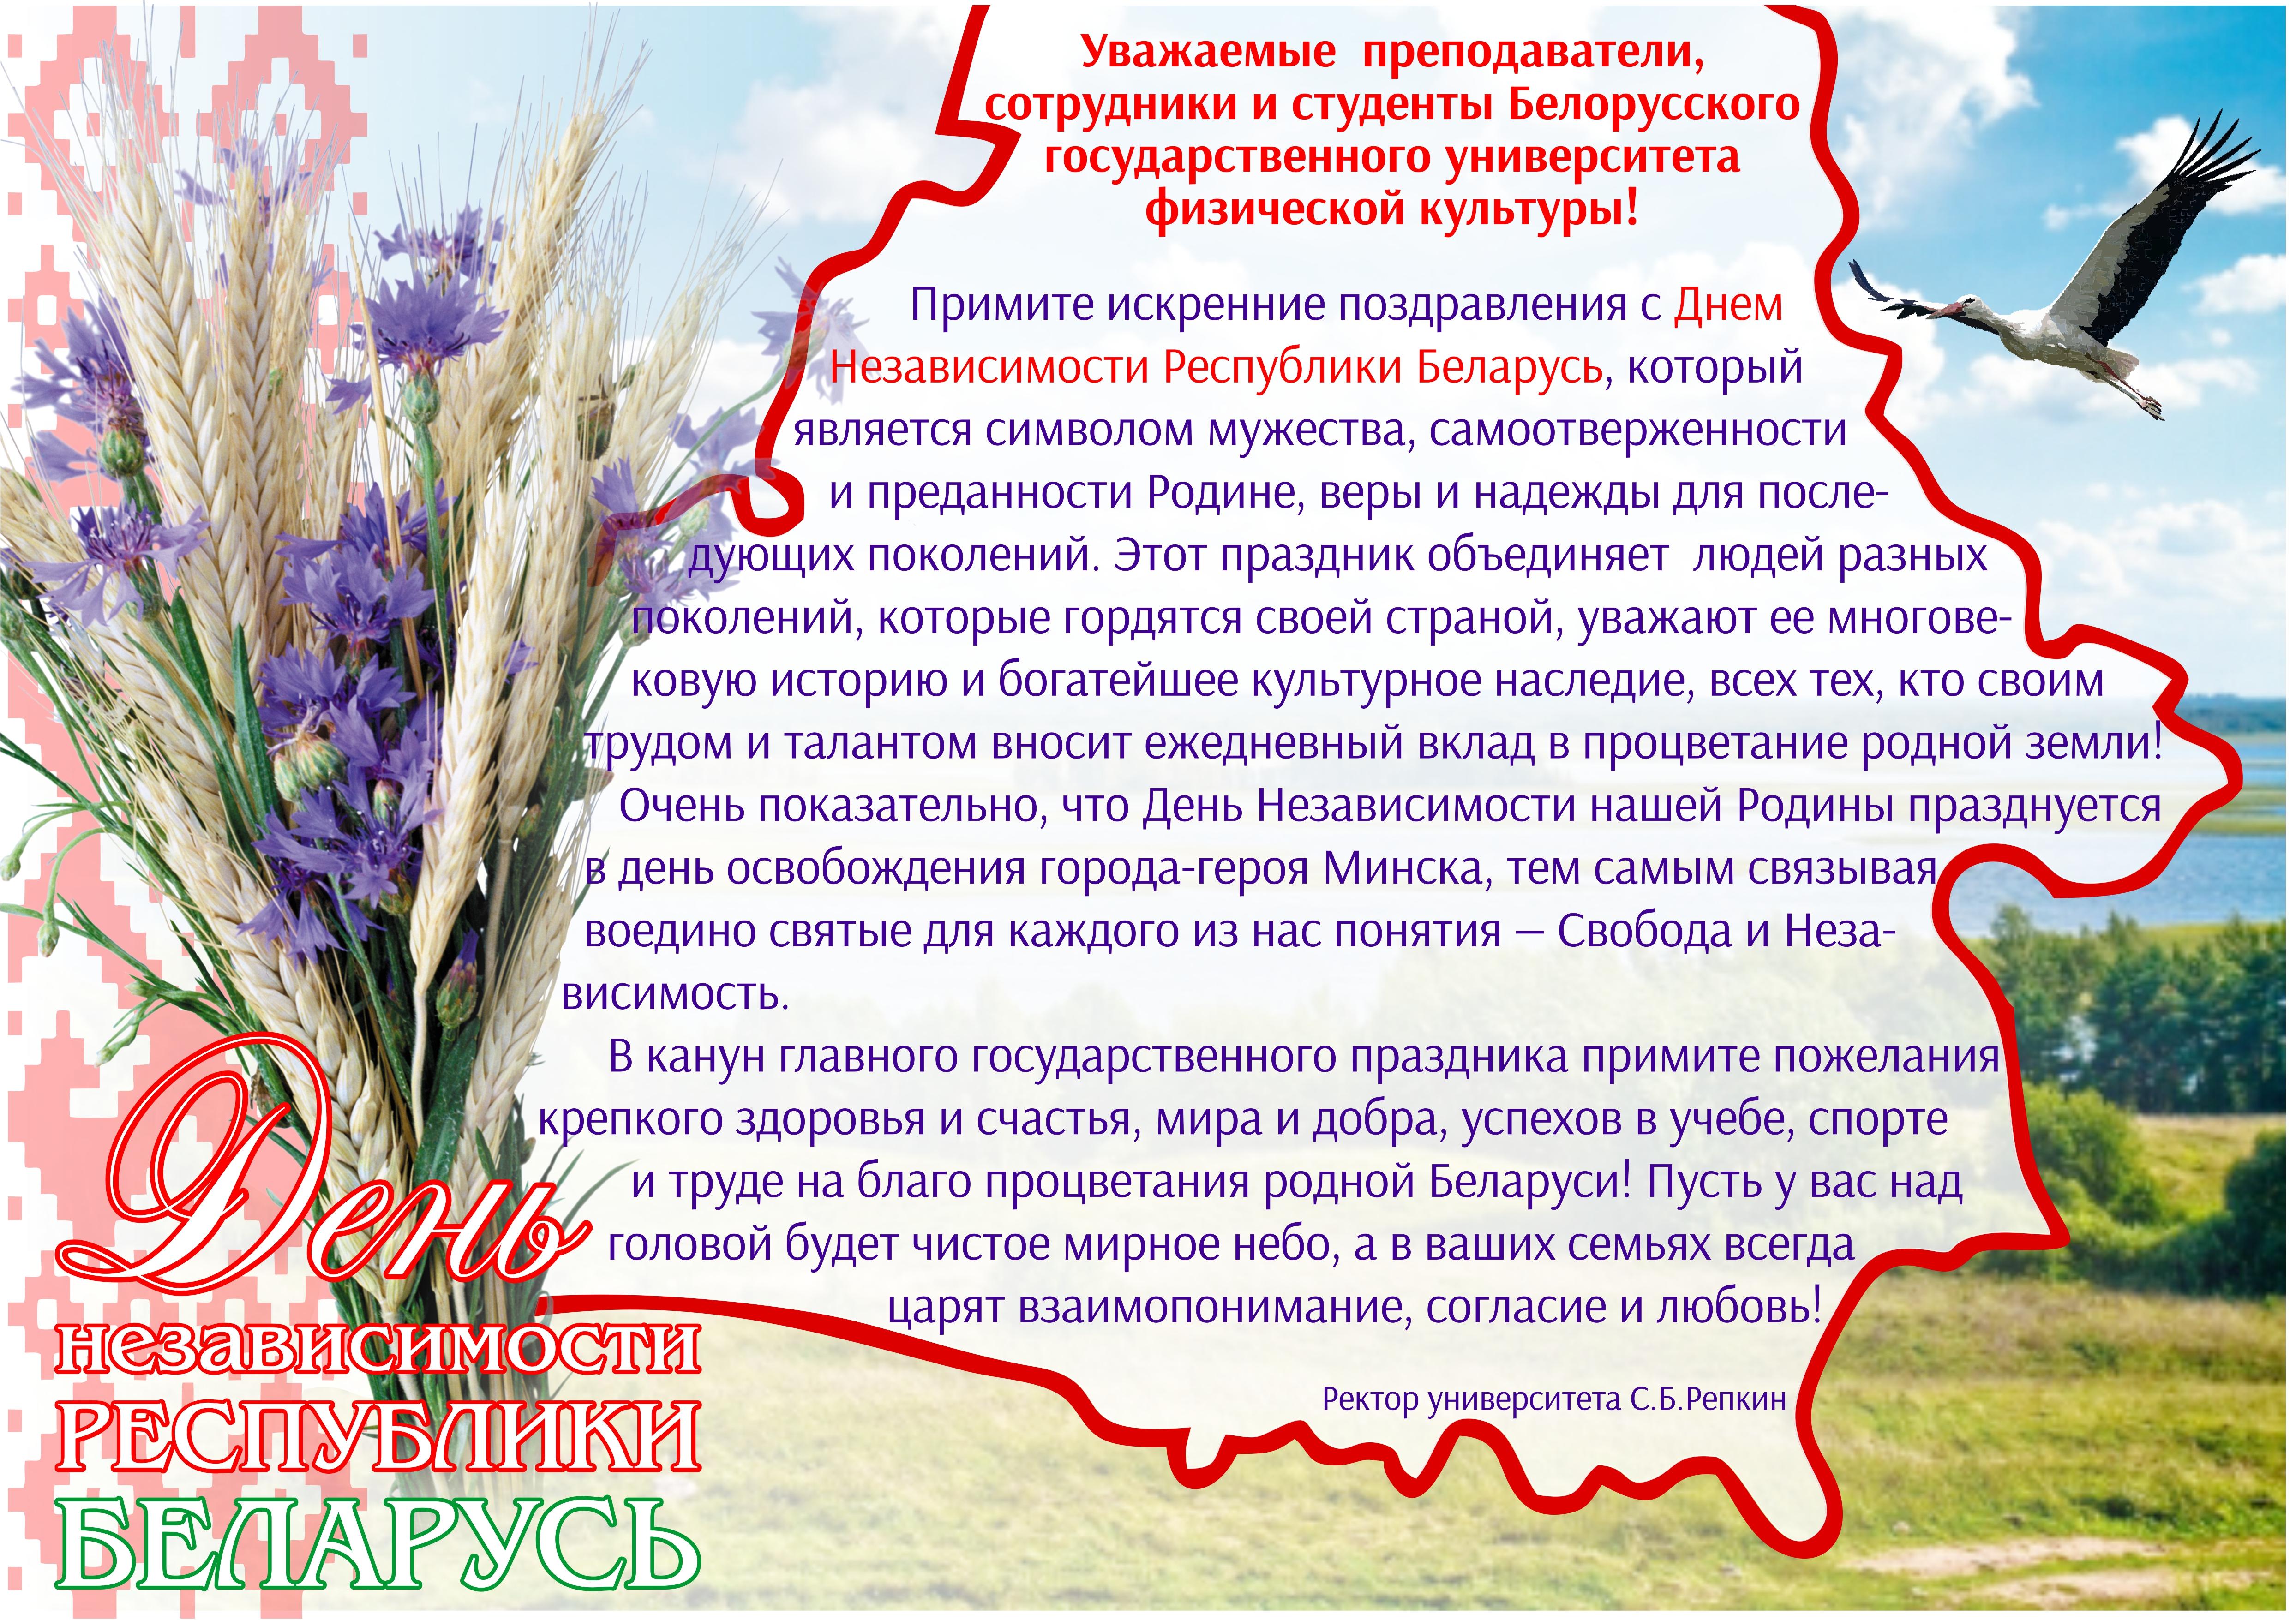 Поздравления на мобильный по беларуси